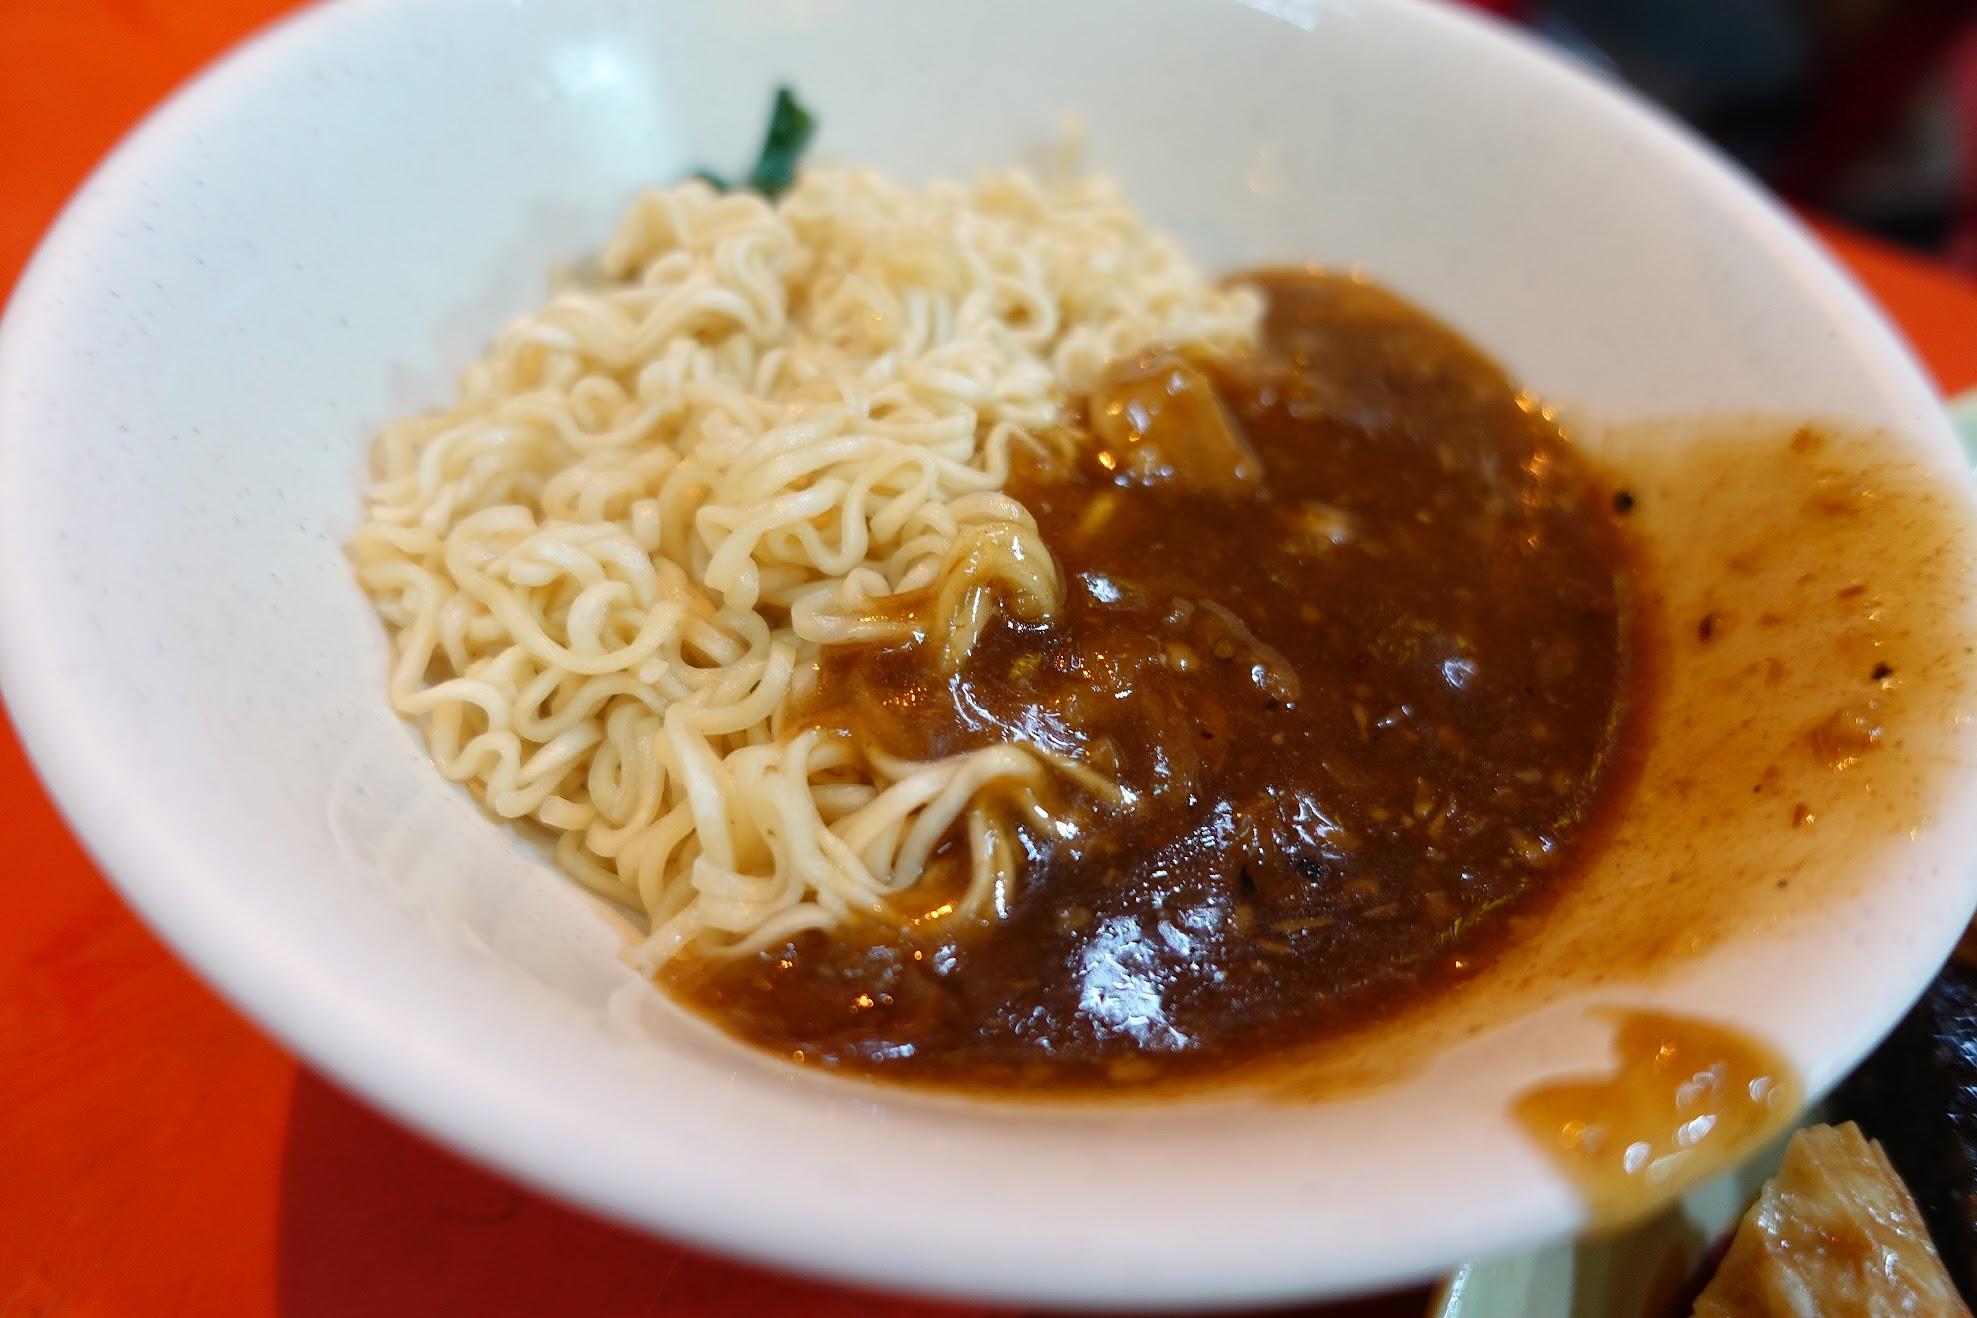 本來想說點個王子麵要來加肉燥的,結果發現特製沙茶醬太特別太好吃,就加來拌麵XD